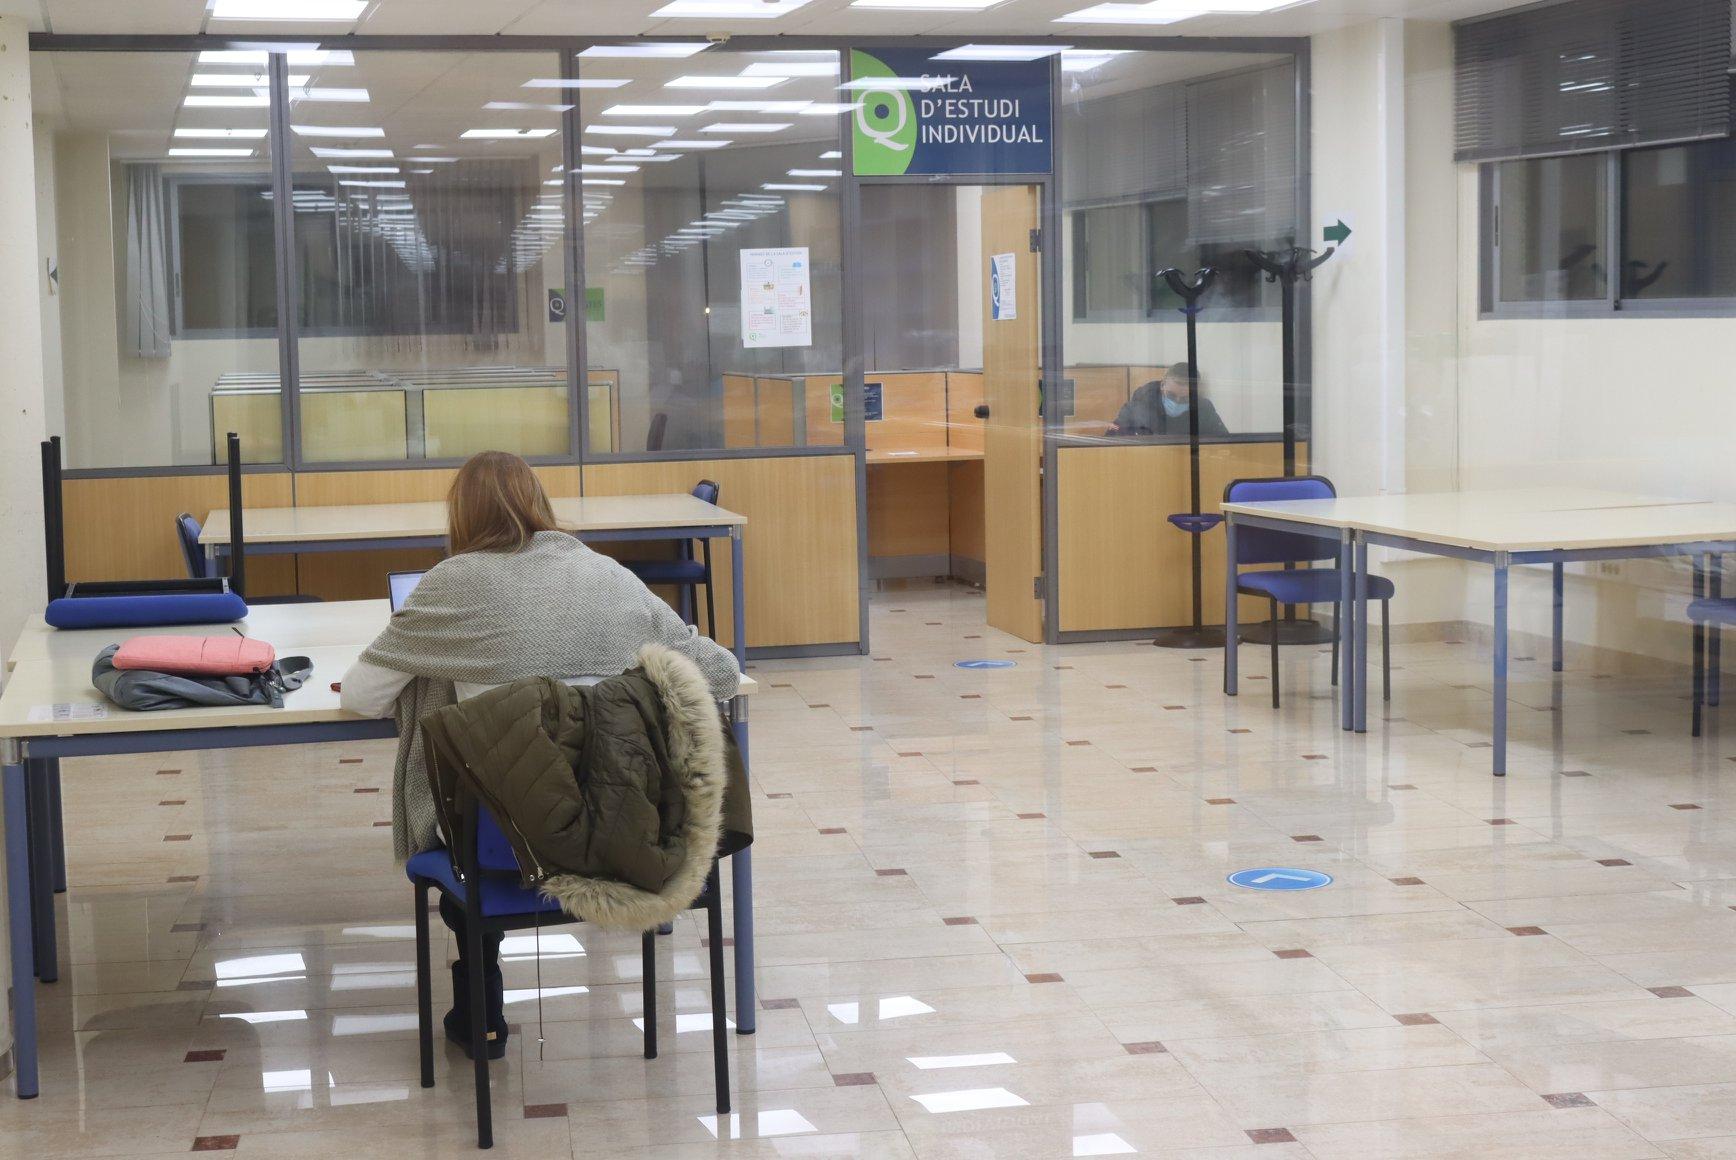 Onda facilita el estudio con la ampliación del horario de la Biblioteca y una nueva sala adaptada